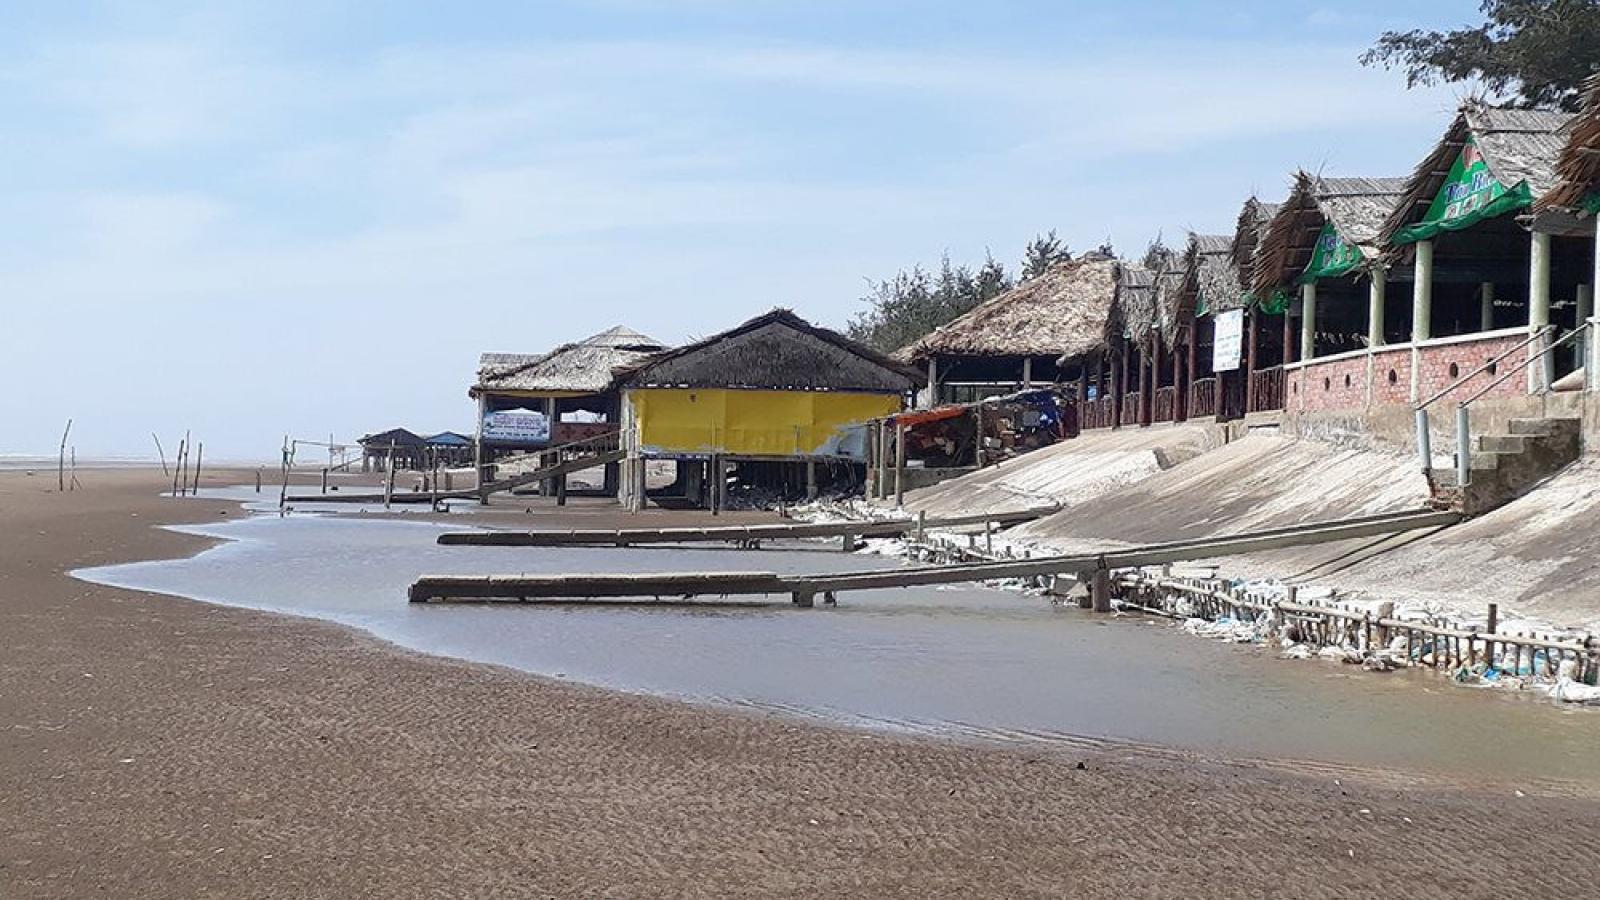 HĐND tỉnh Bến Tre nhất trí thành lập Khu kinh tế ven biển